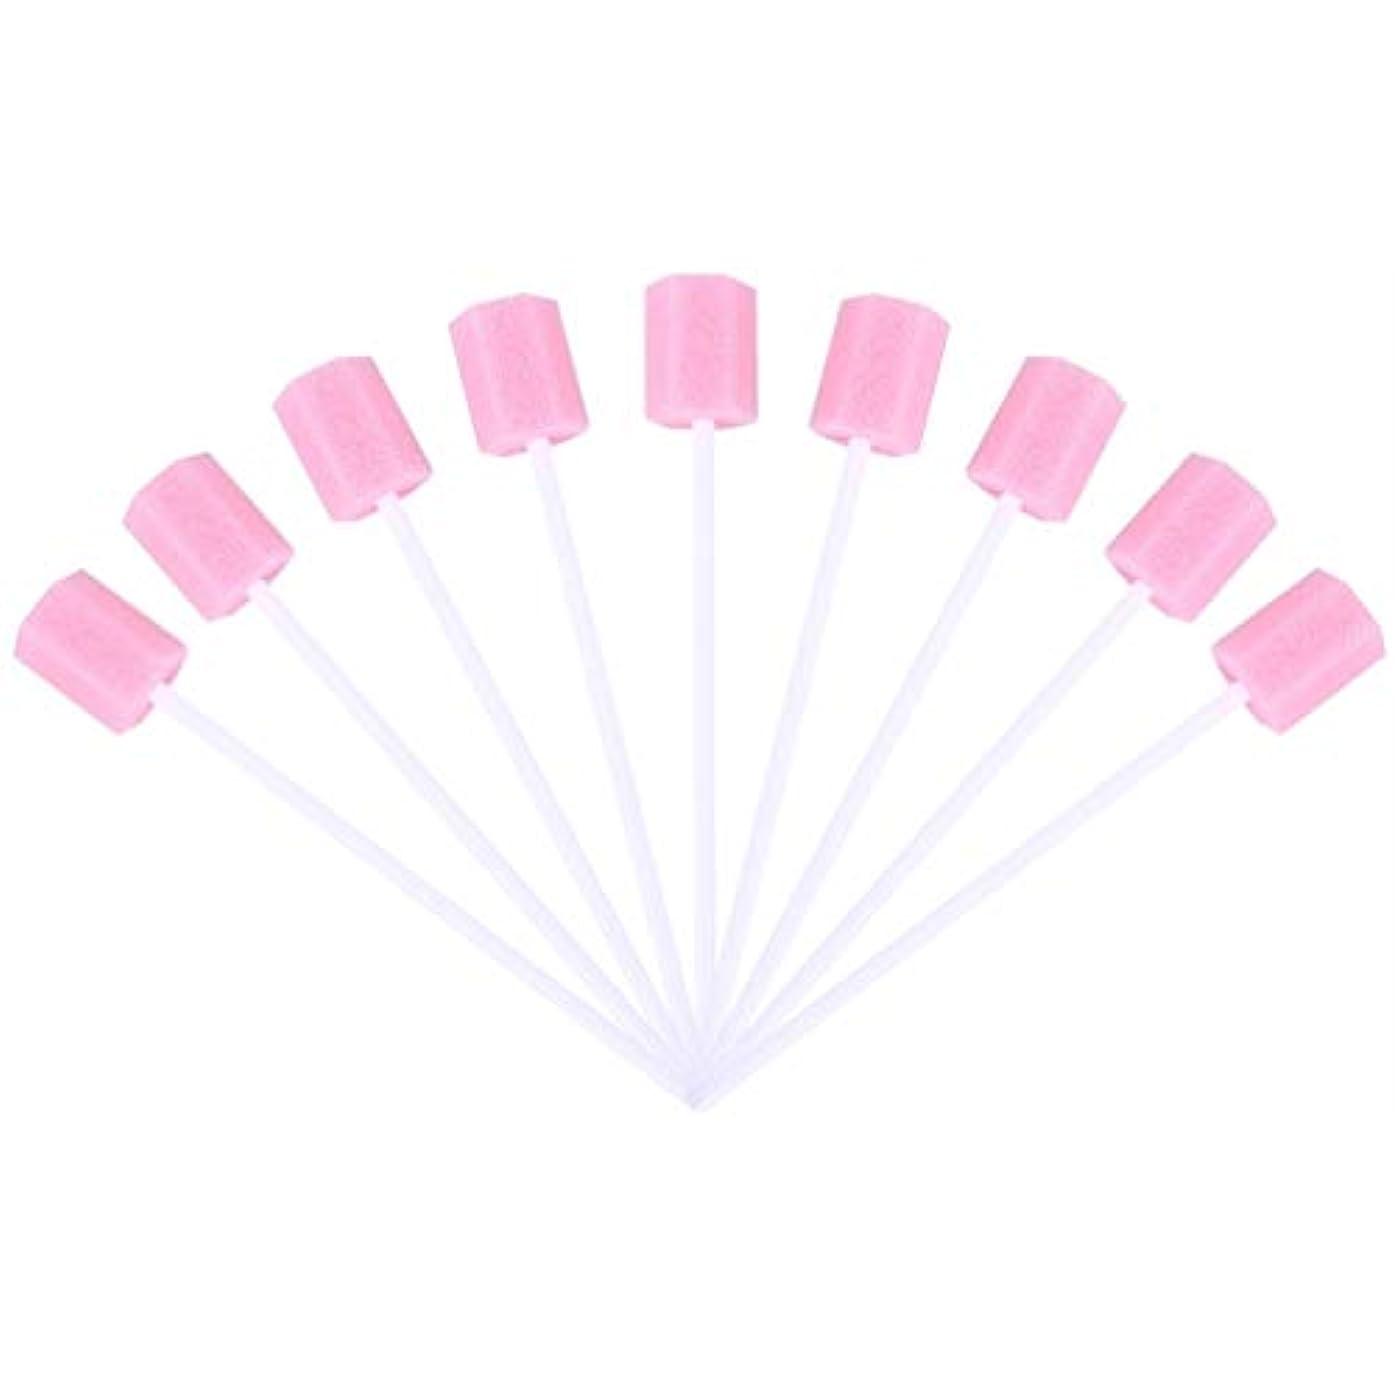 ティッシュショッキング慢なSUPVOX 30ピーススポンジ綿棒使い捨て医療スポンジスティック歯口洗浄口腔ケアツール(ピンク)